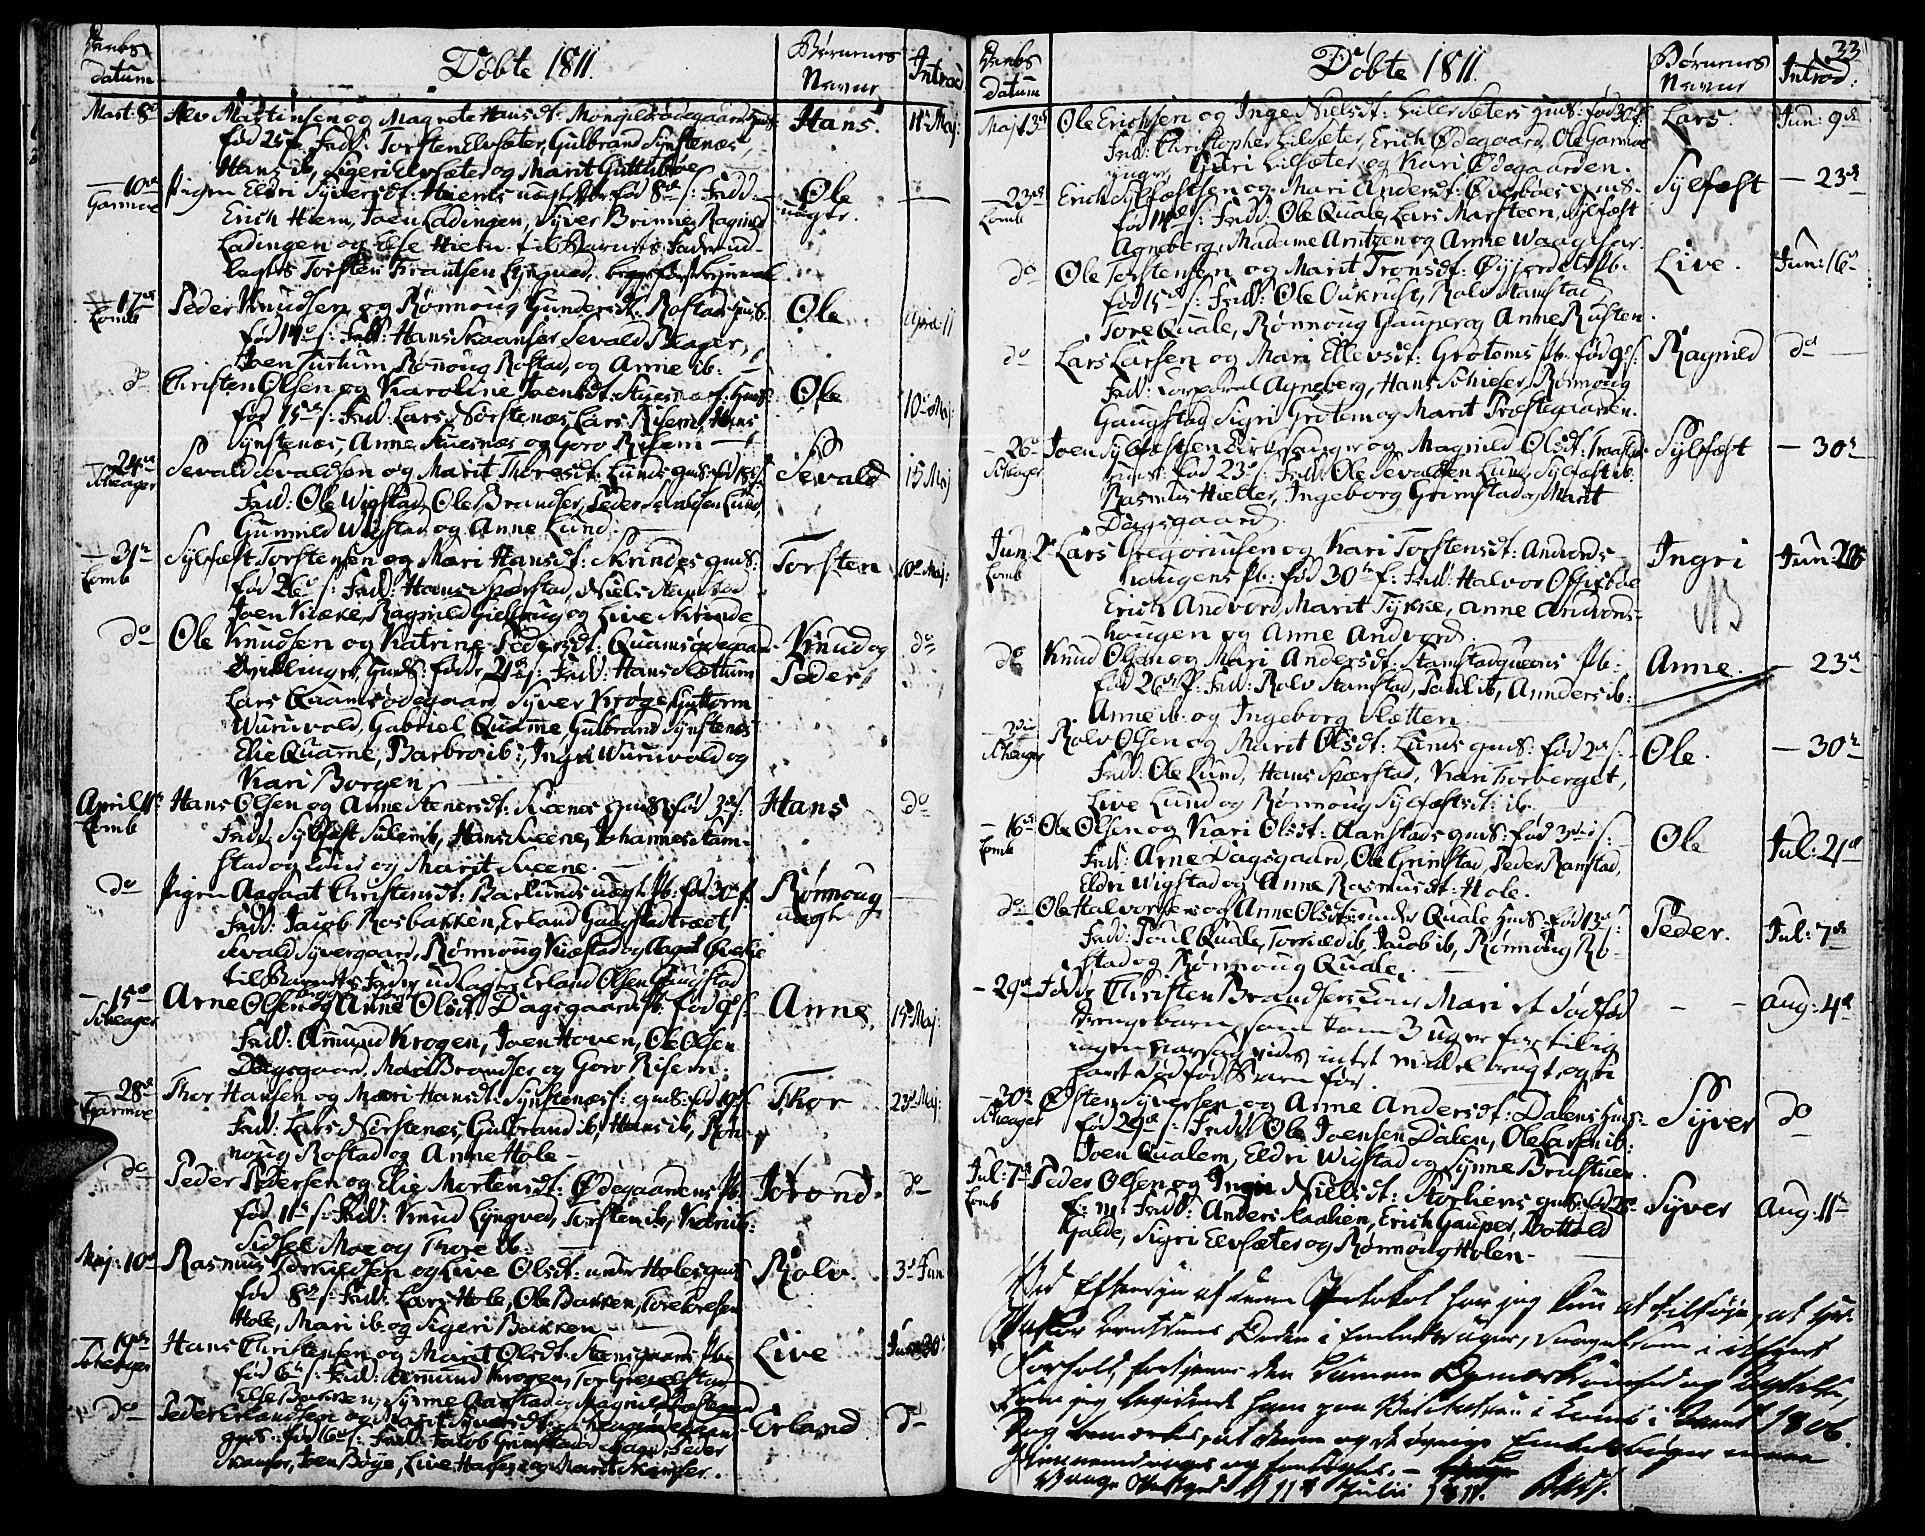 SAH, Lom prestekontor, K/L0003: Ministerialbok nr. 3, 1801-1825, s. 33